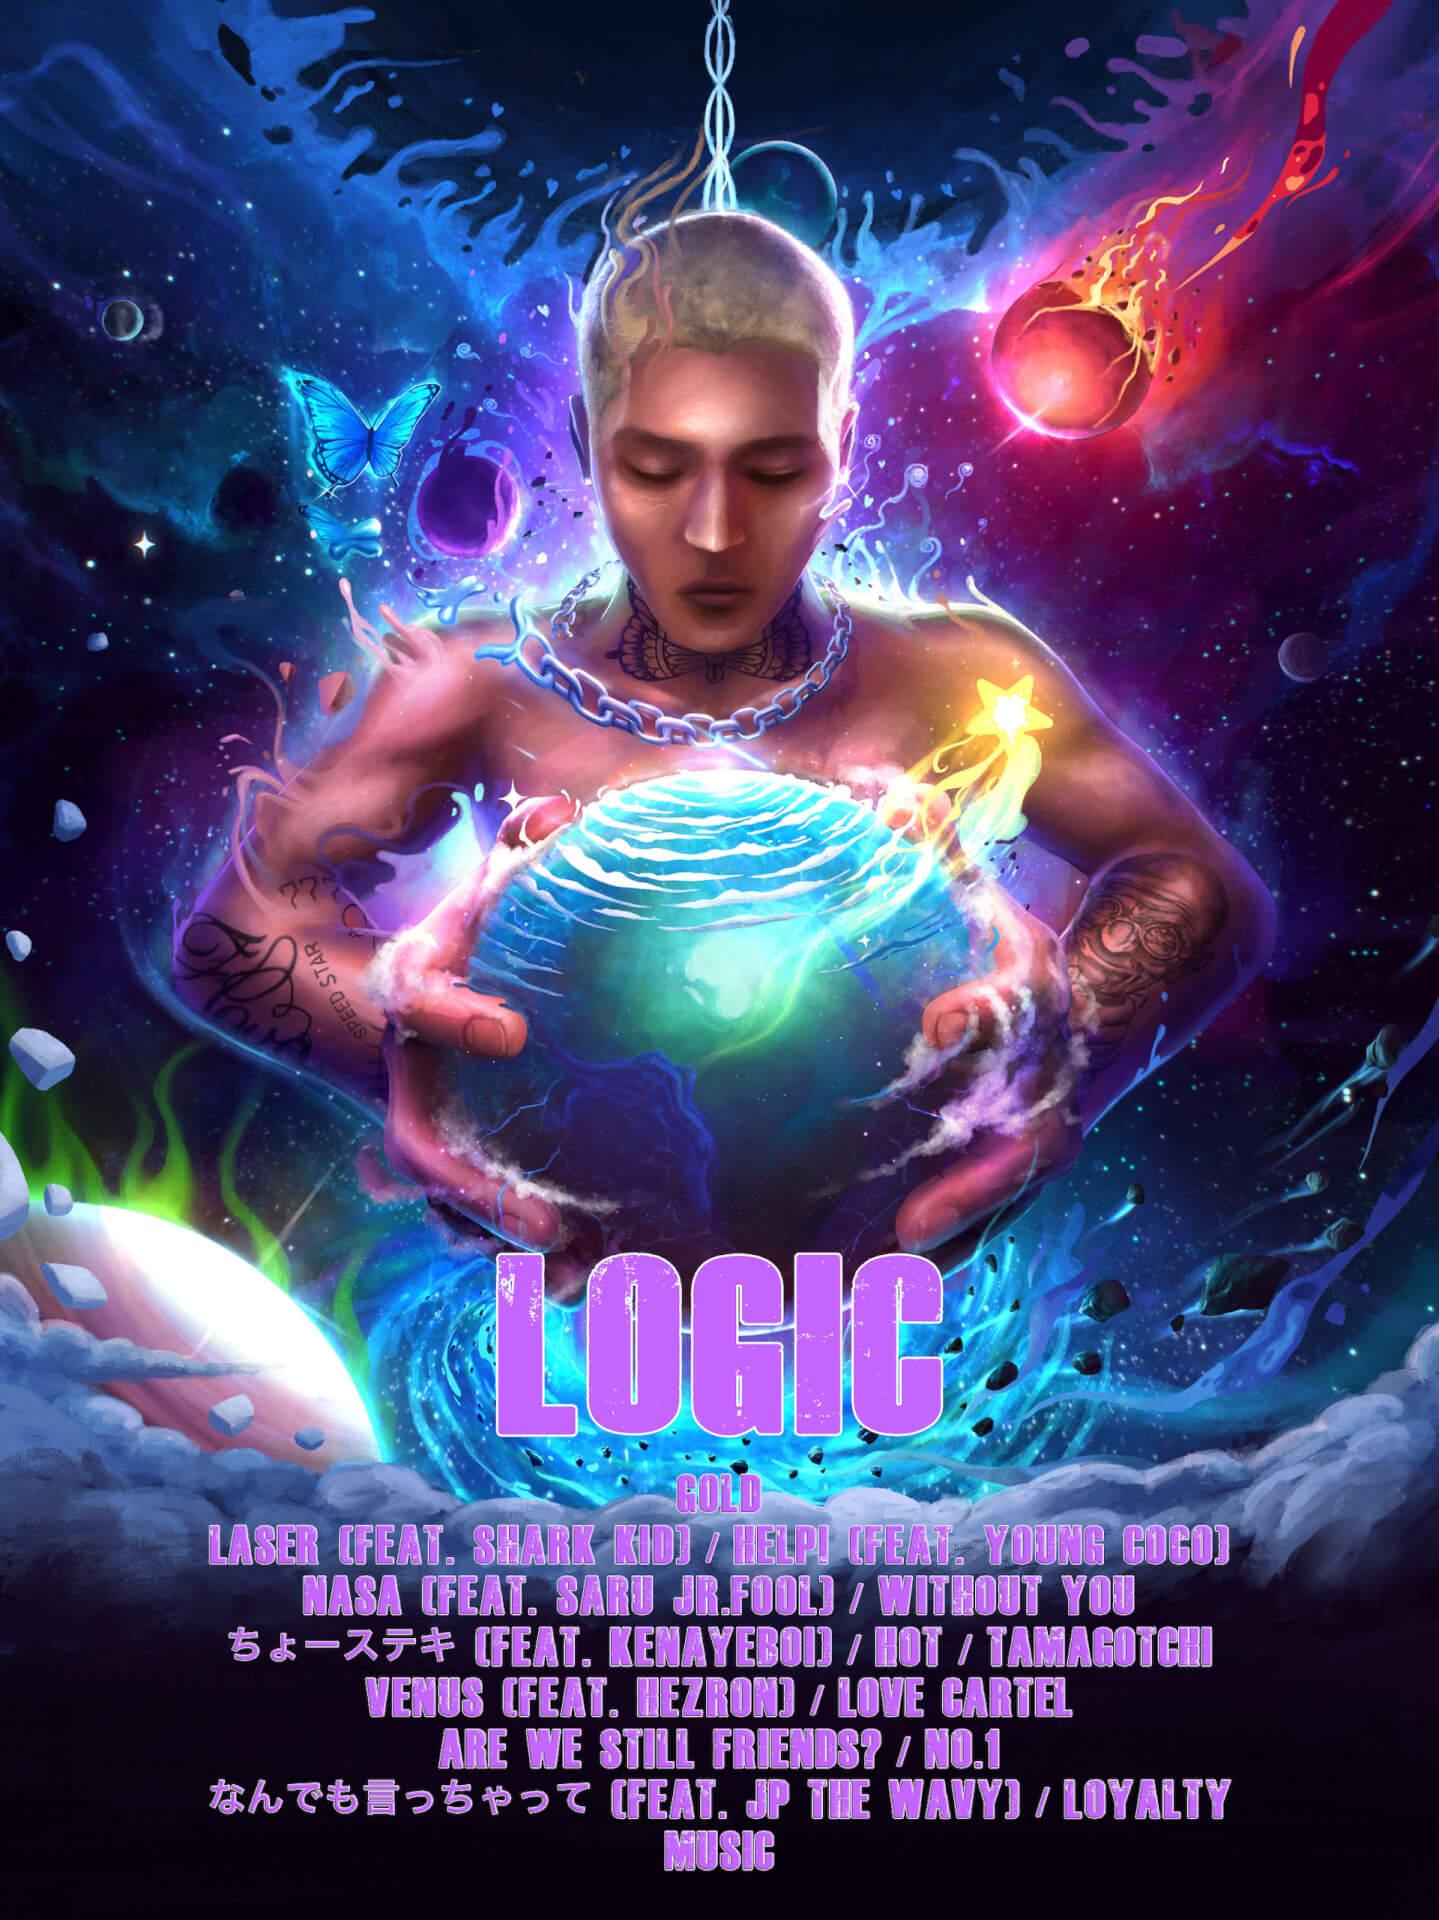 LEXがニューアルバム『LOGIC』のリリースを発表|JP THE WAVY、KM、Young Cocoらが参加 music210924_lex_1